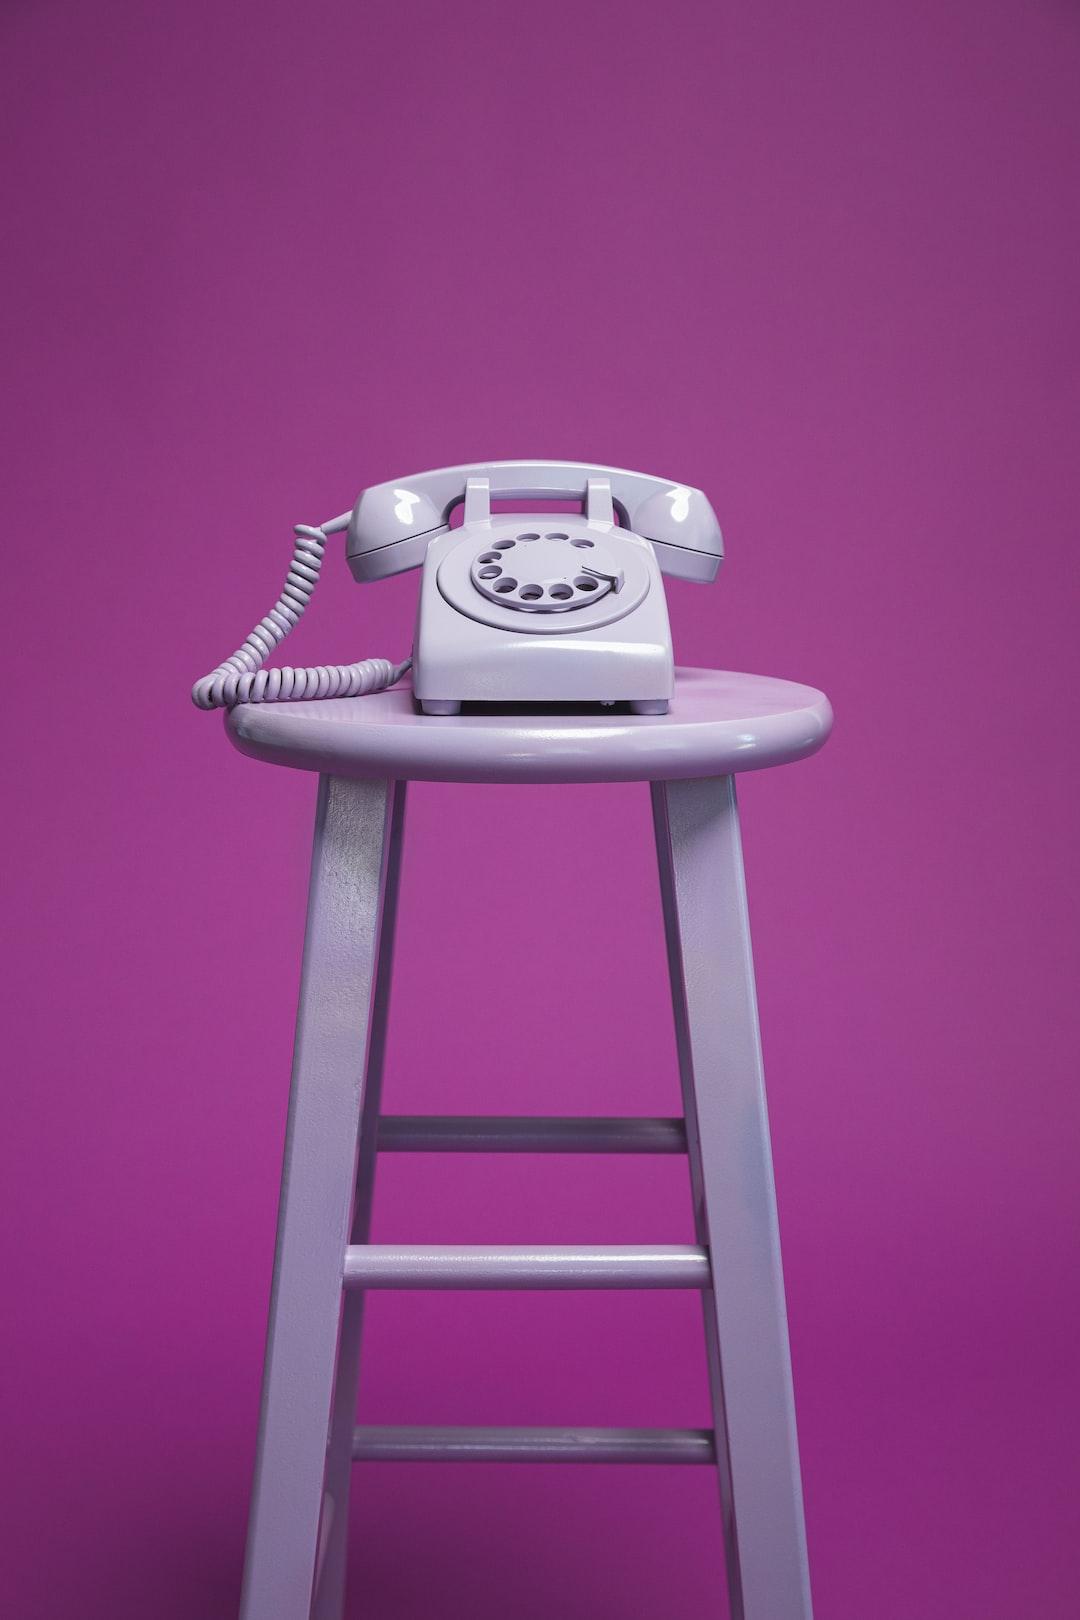 Purple phone on purple background